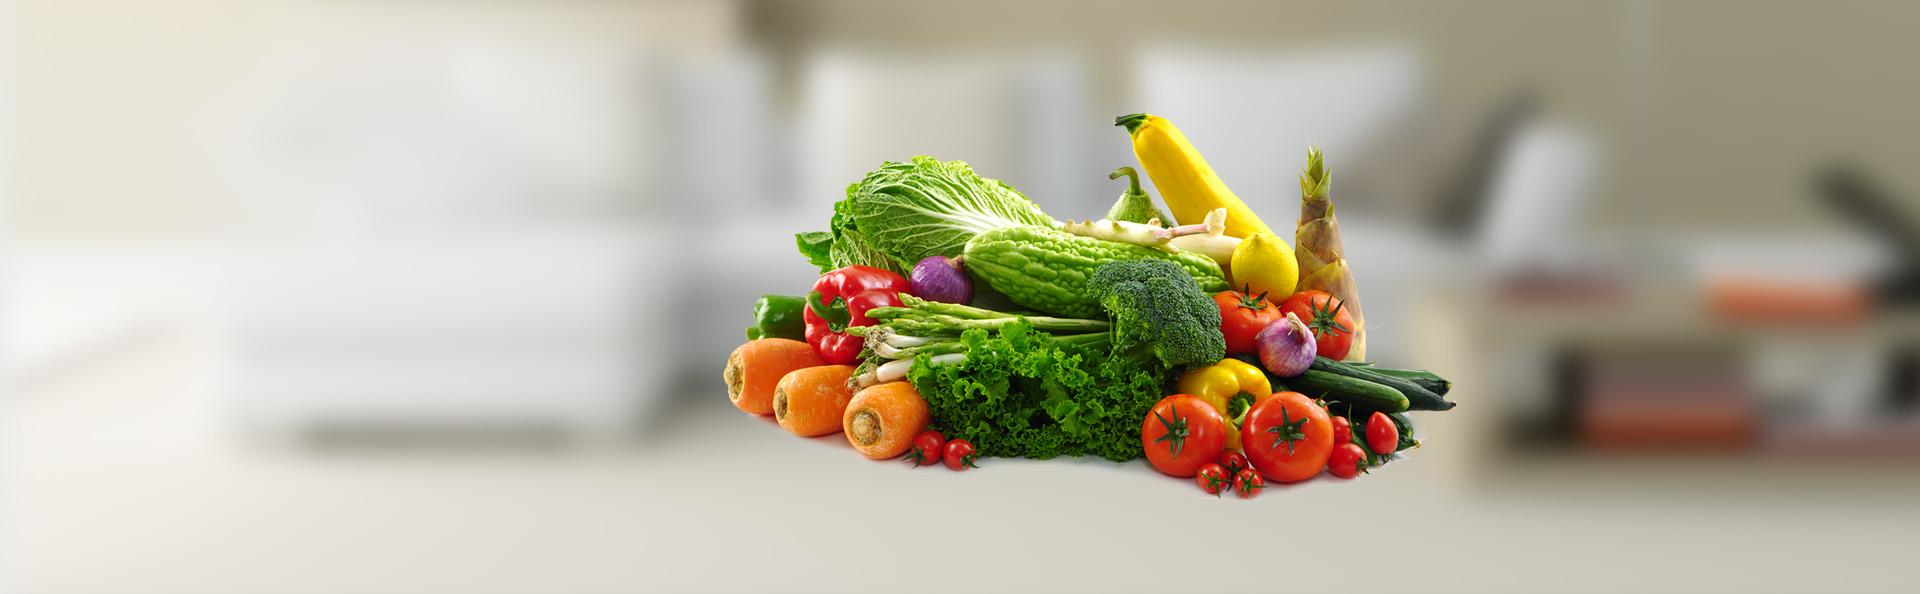 平衡作物营养